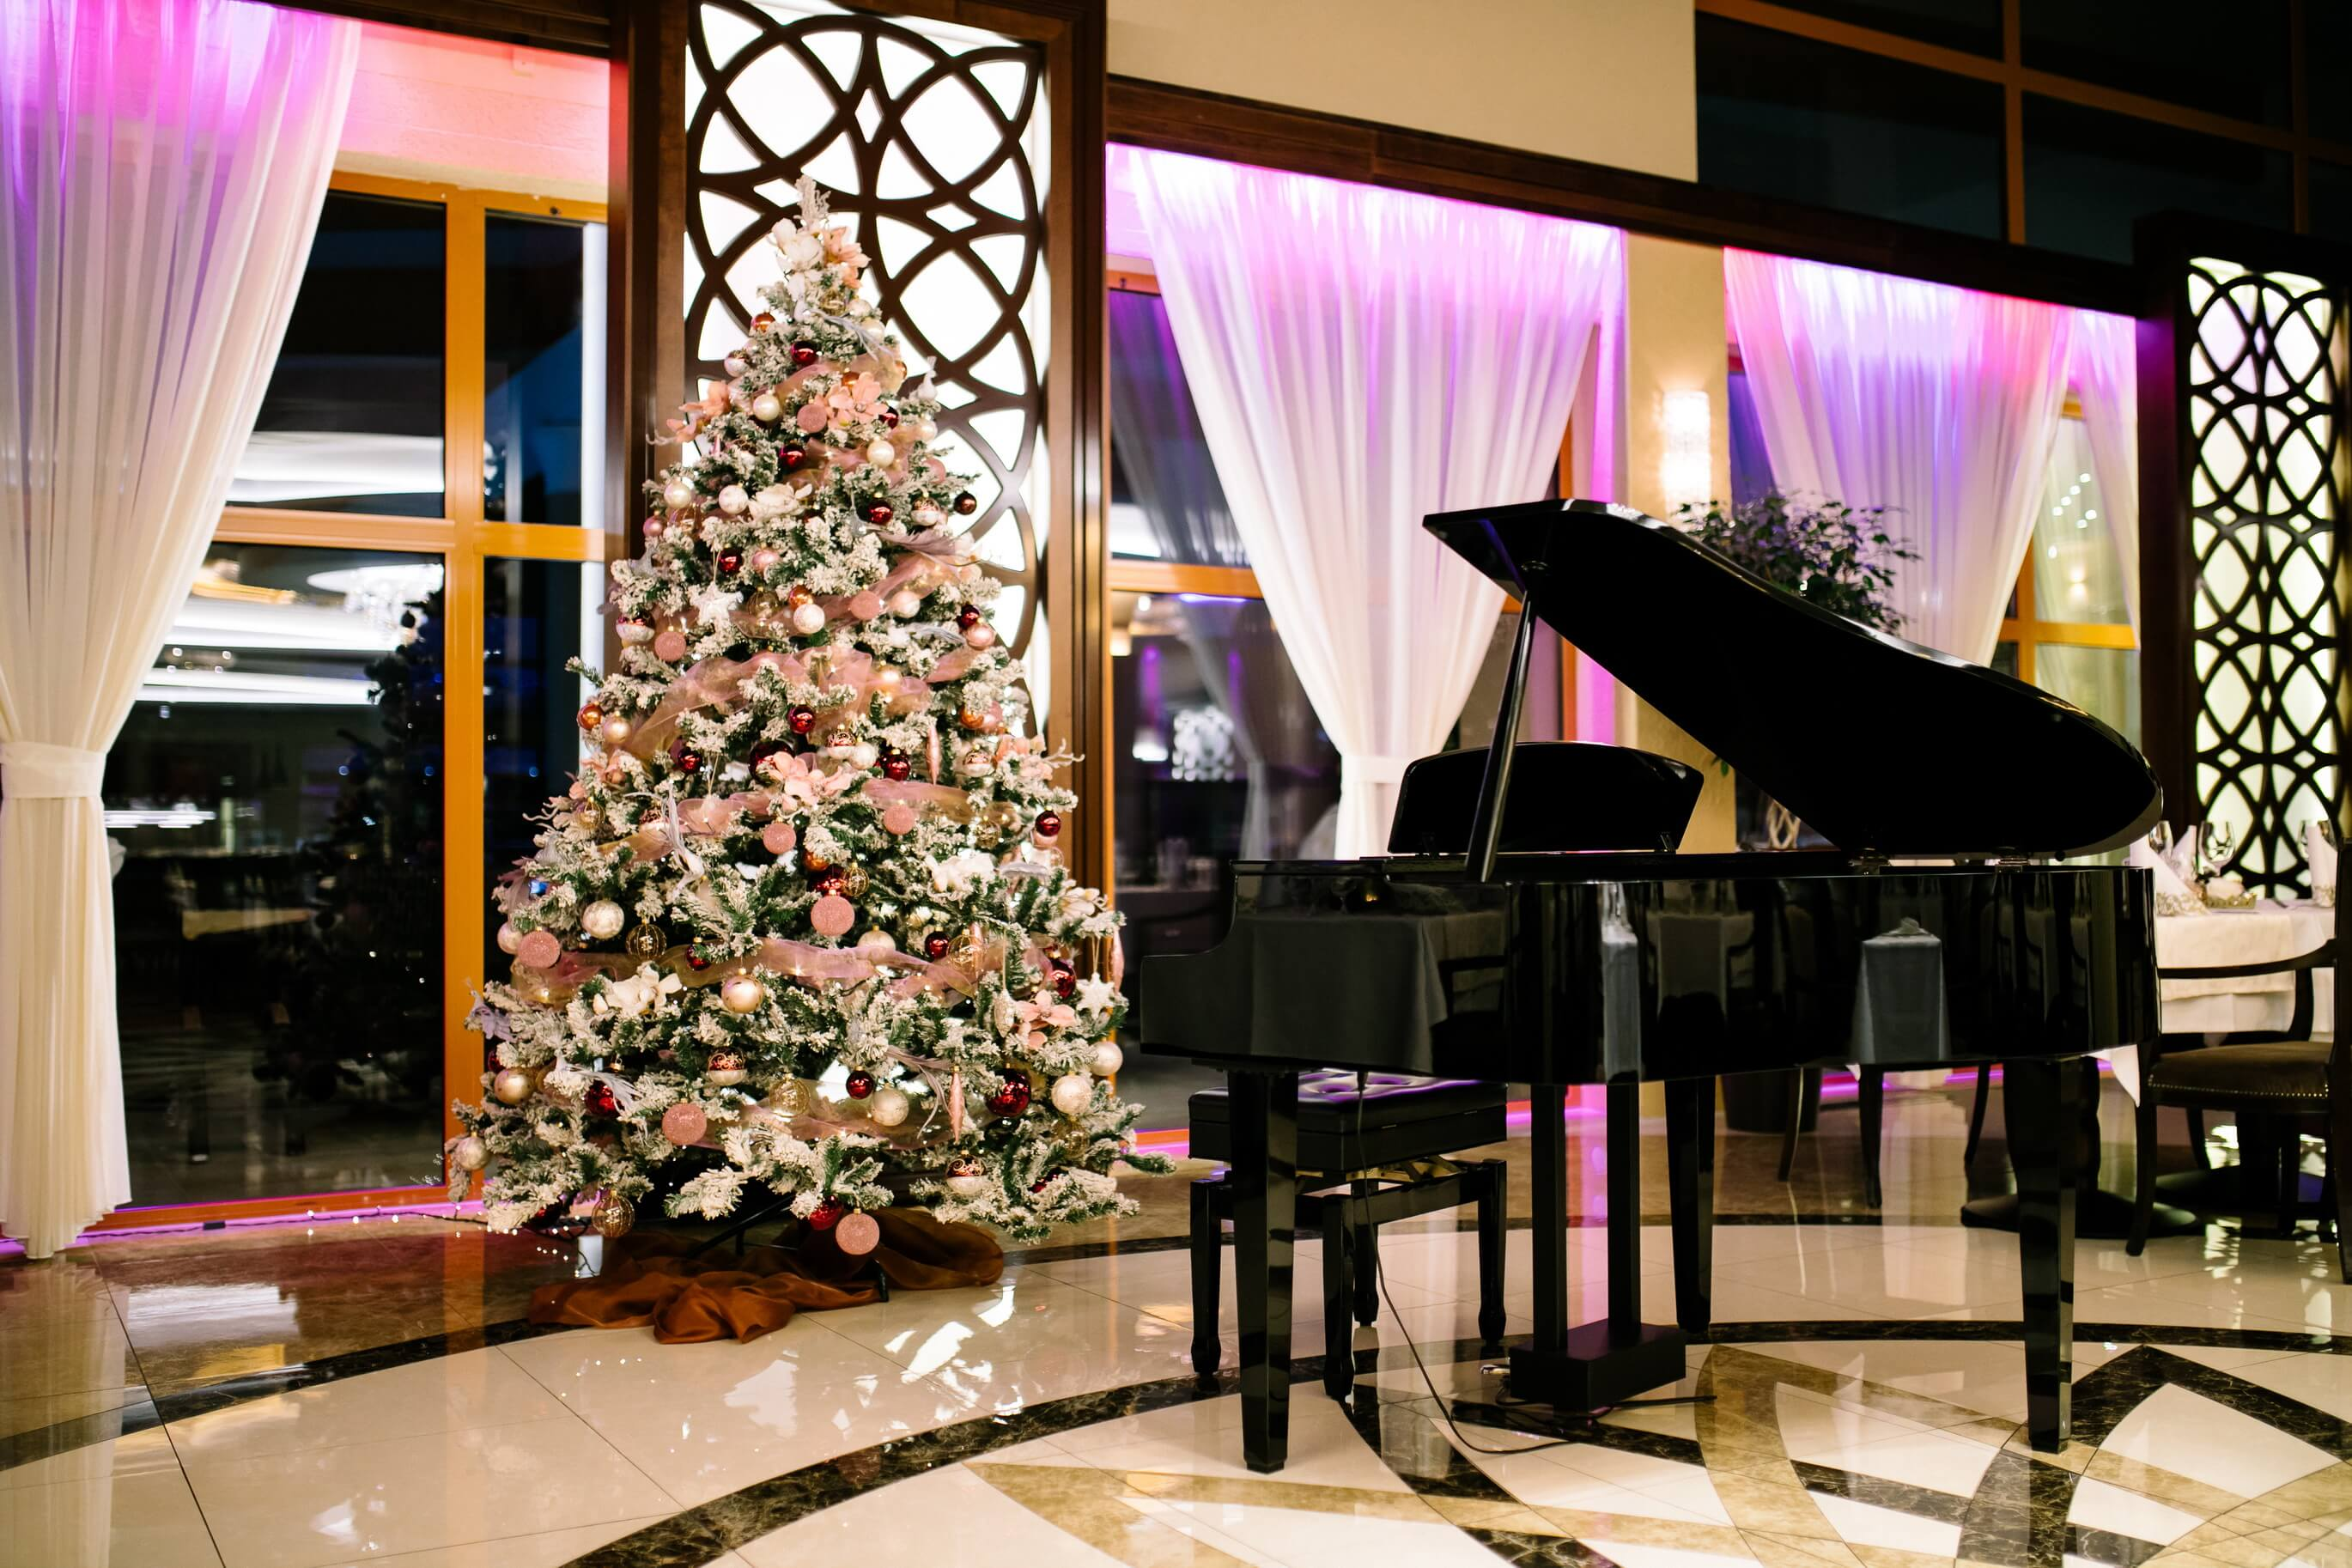 Vianočný stromček v hoteli Kaskady